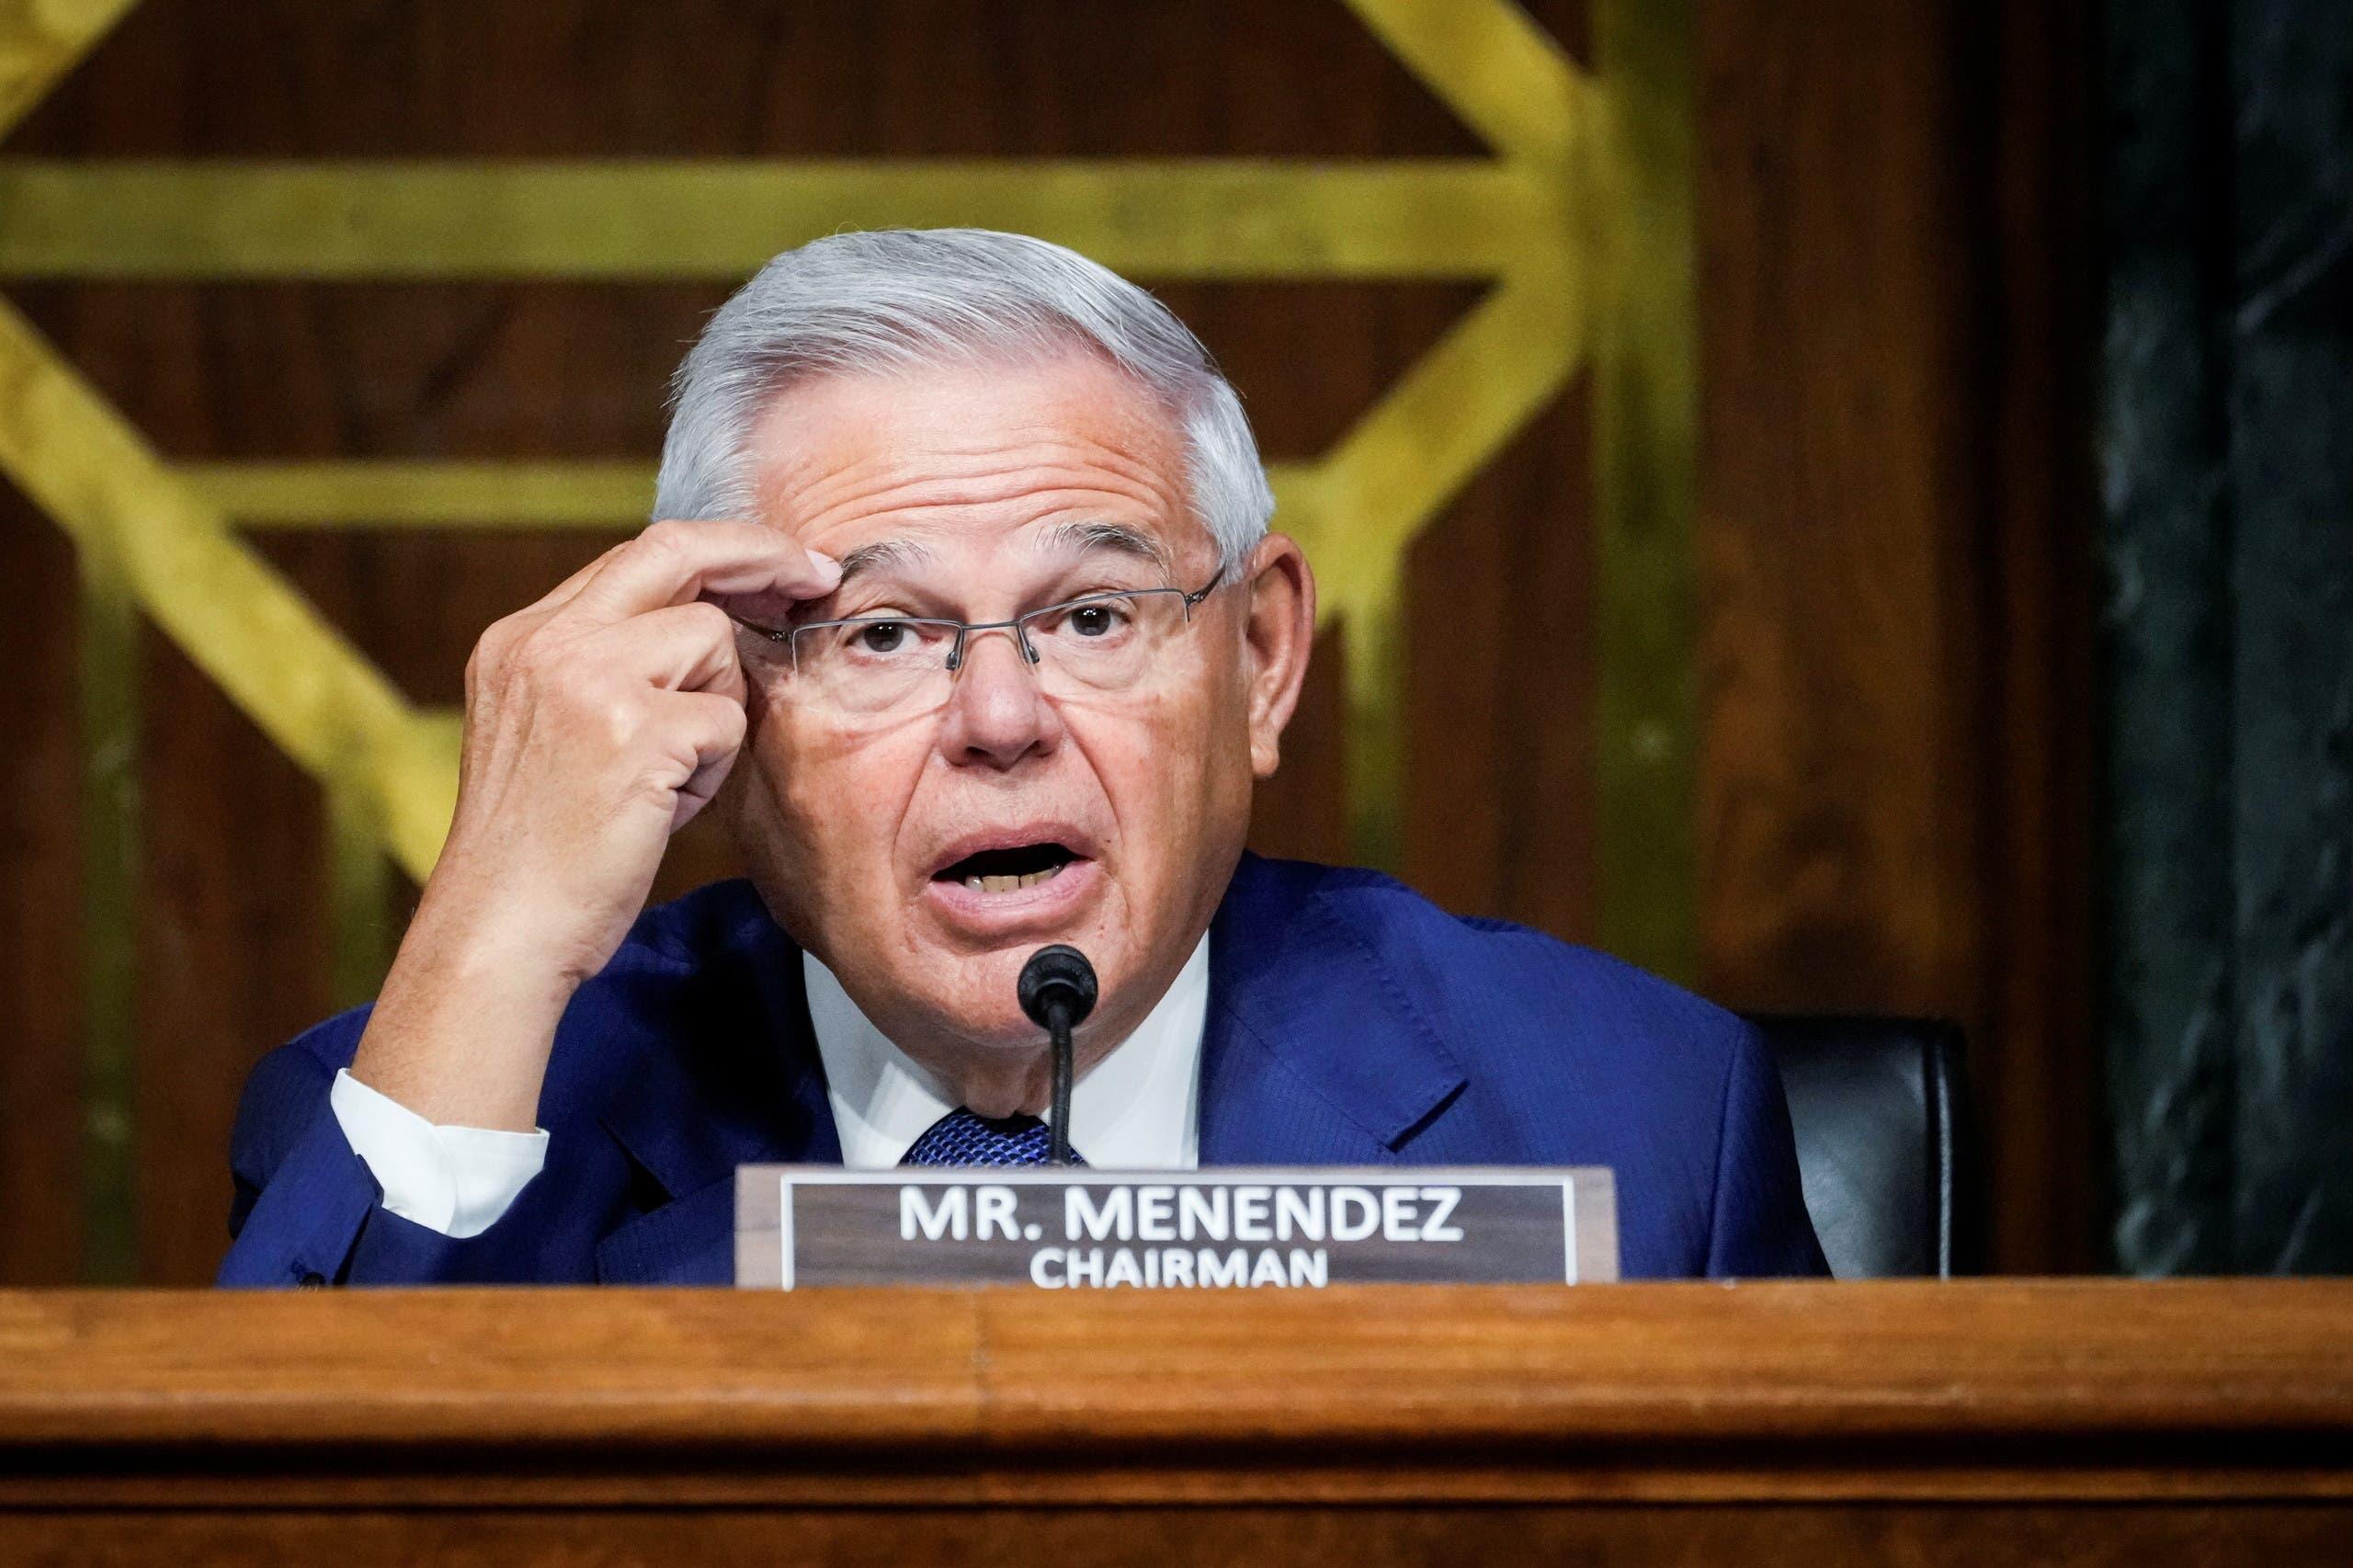 السيناتور بوب مينينديز